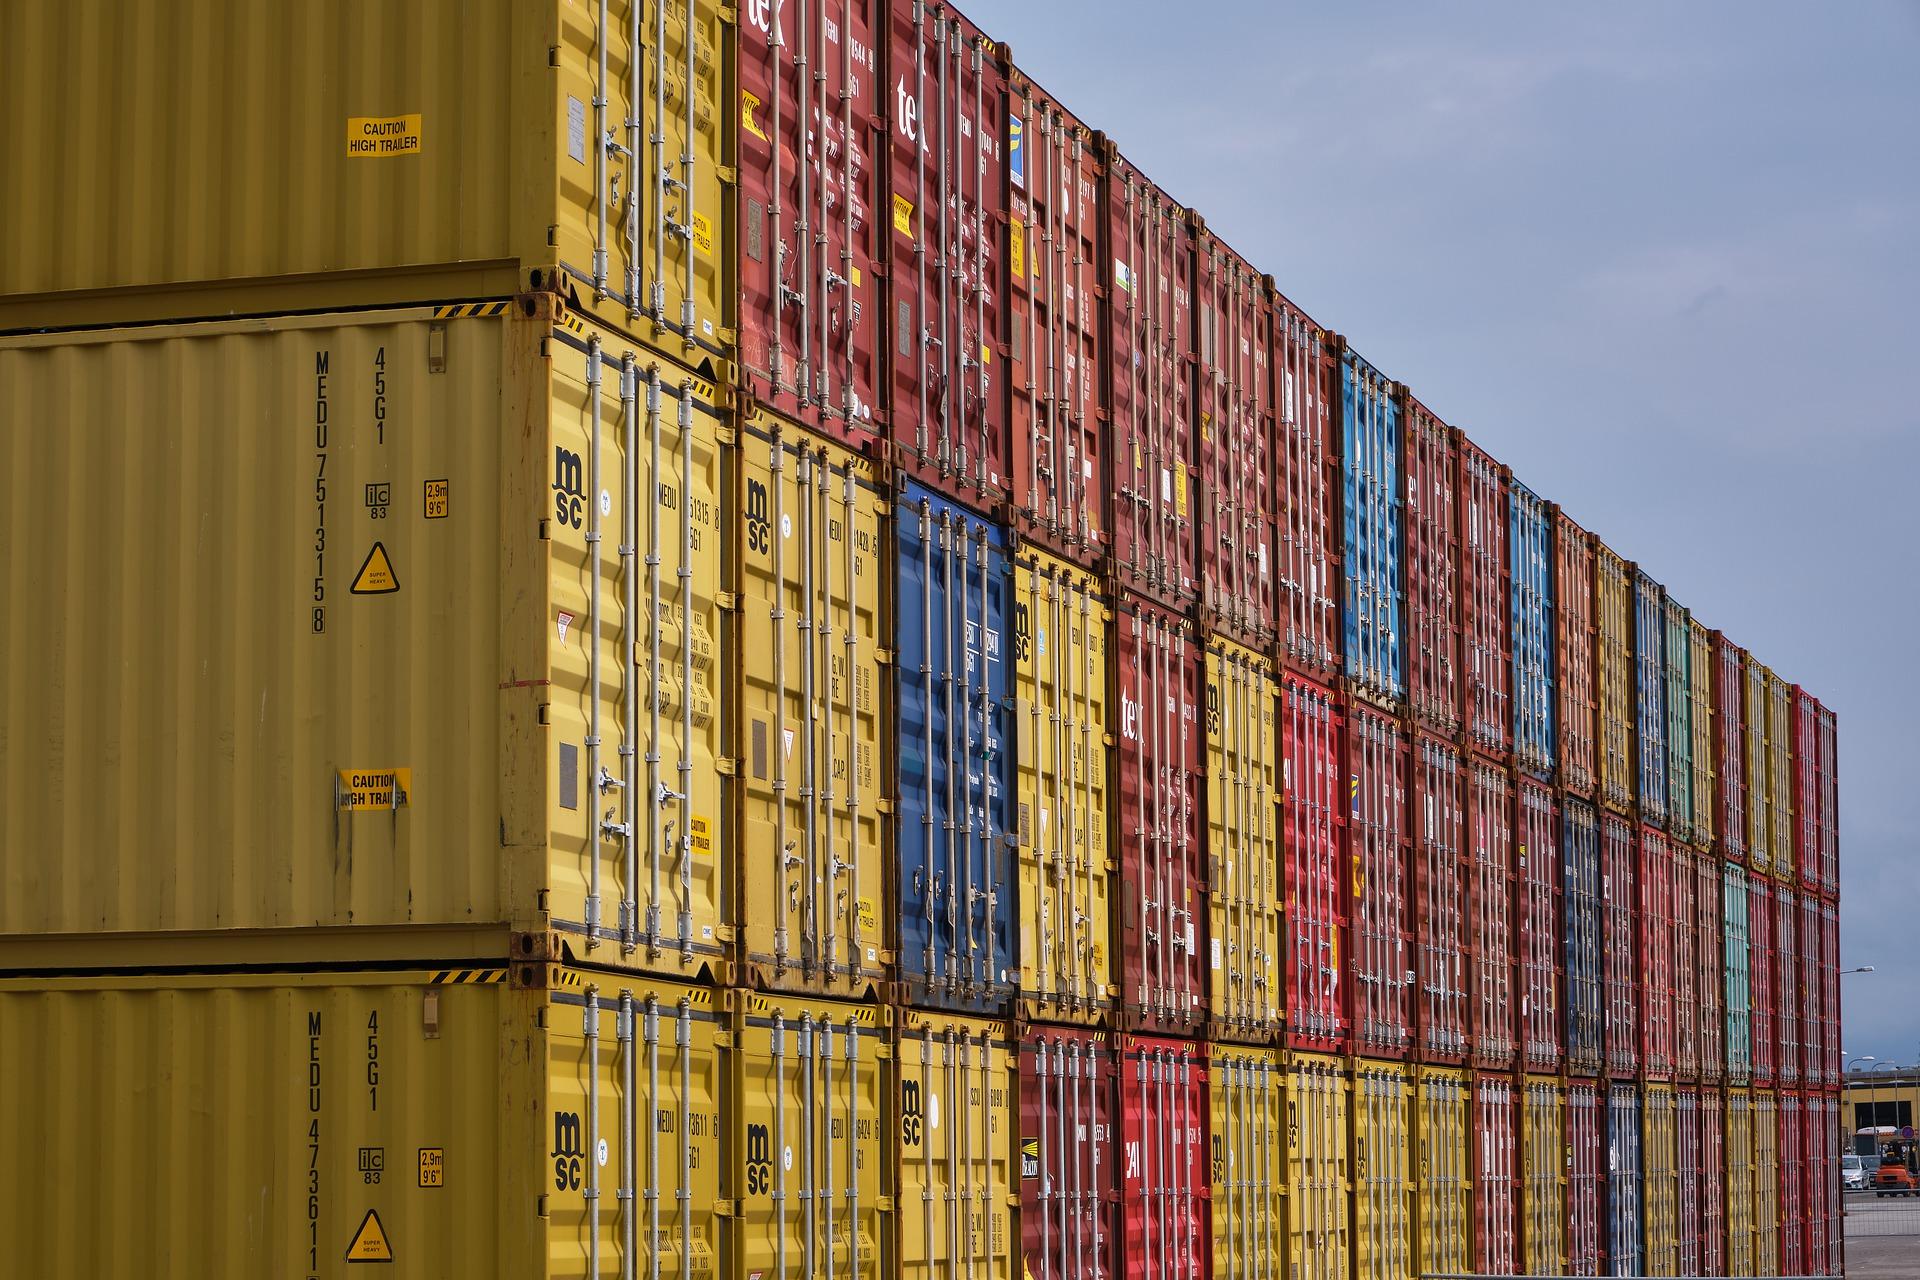 Superávit comercial de México se ubicó en 762 mdd en junio